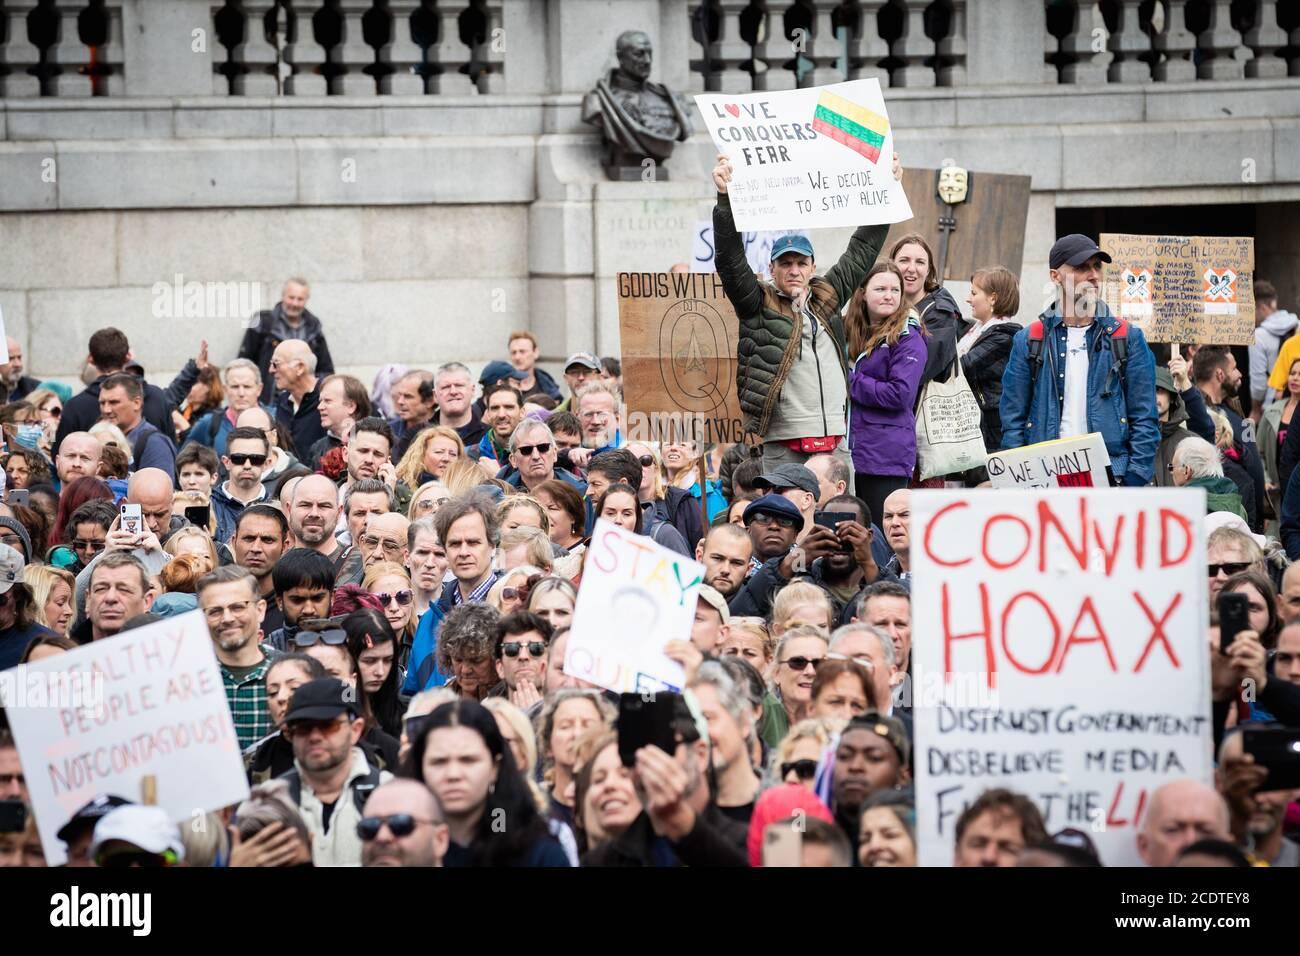 Une foule de manifestants tenant des plaques pendant la manifestation.les manifestants Unite for Freedom se rassemblent à Trafalgar Square pour protester contre le confinement de la COVID-19, imposé le 23 mars. Les professionnels de la santé de l'industrie expriment leur inquiétude quant à la position du pays à l'égard du coronavirus. Banque D'Images